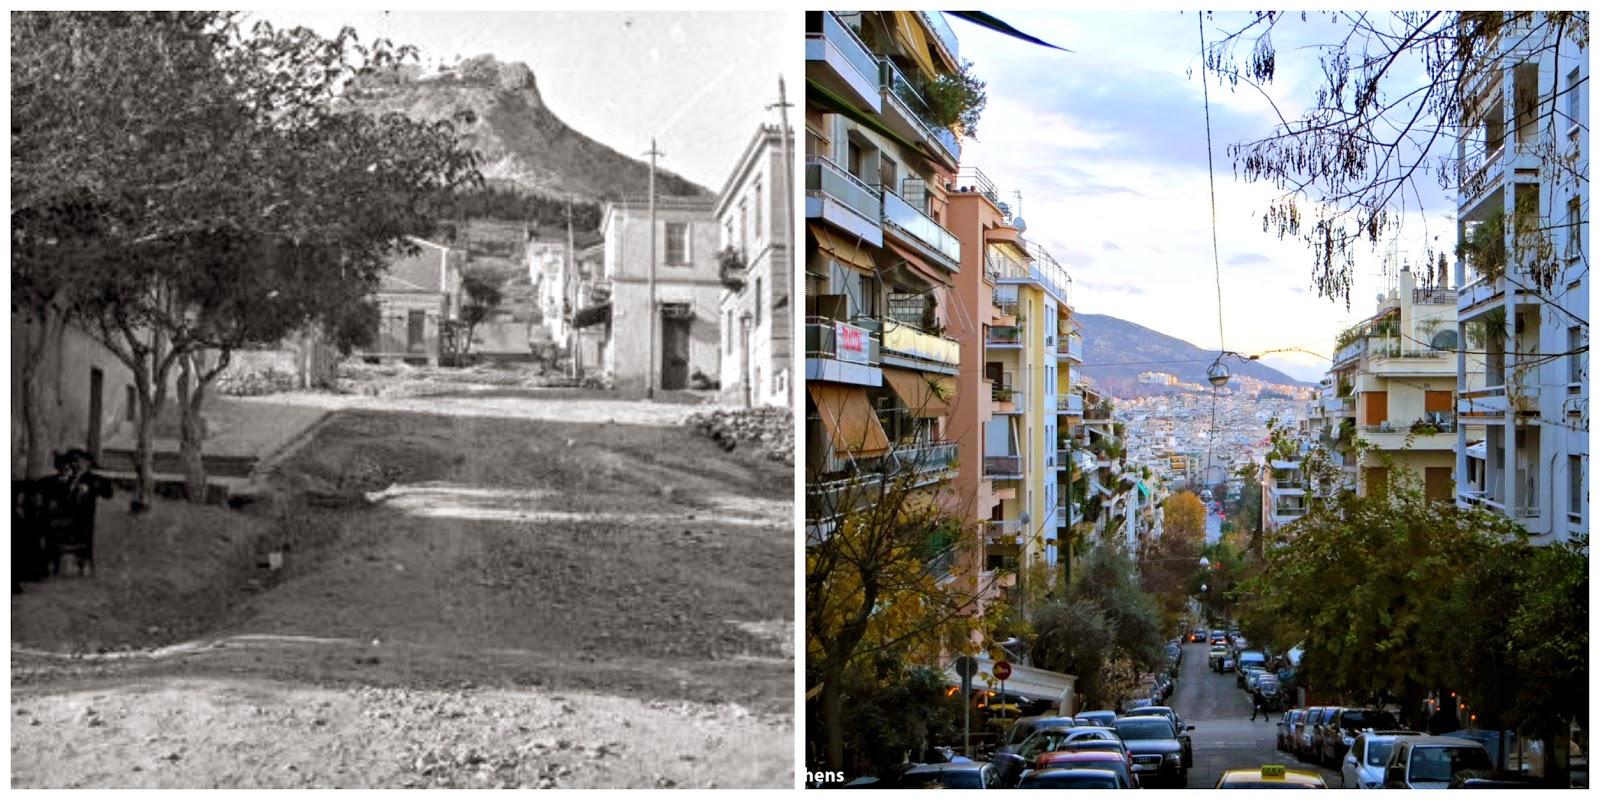 Ploutarchou Street, Kolonaki, Athens